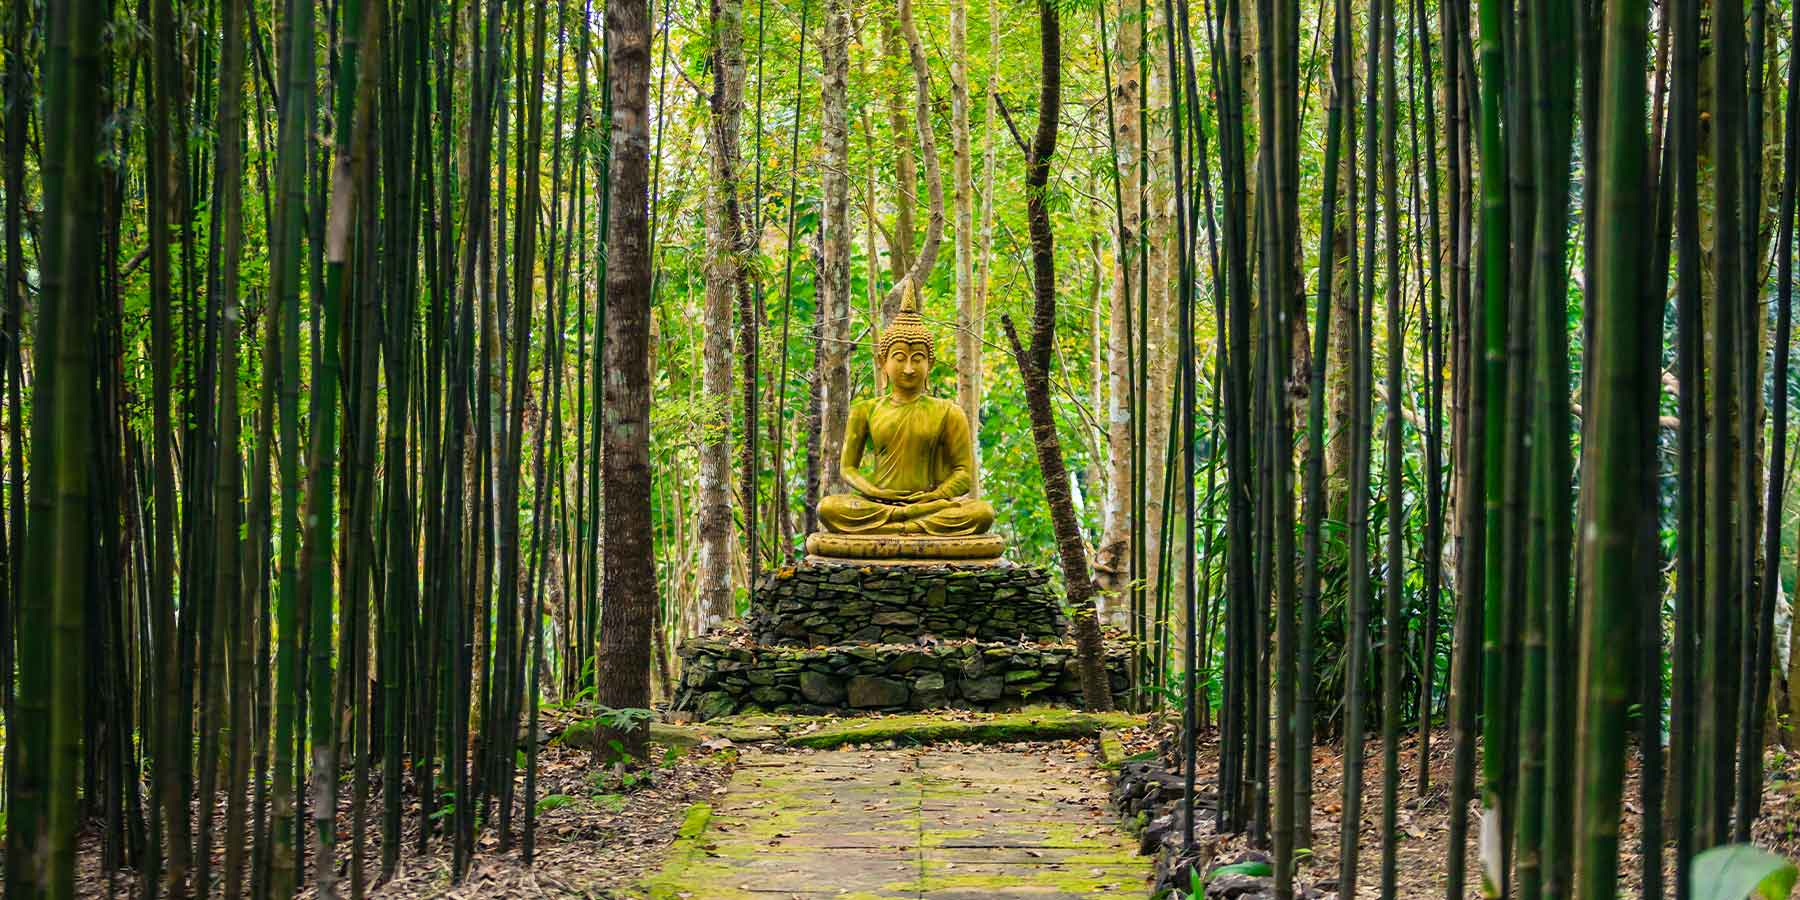 Gautama Buddha: The Eternal One